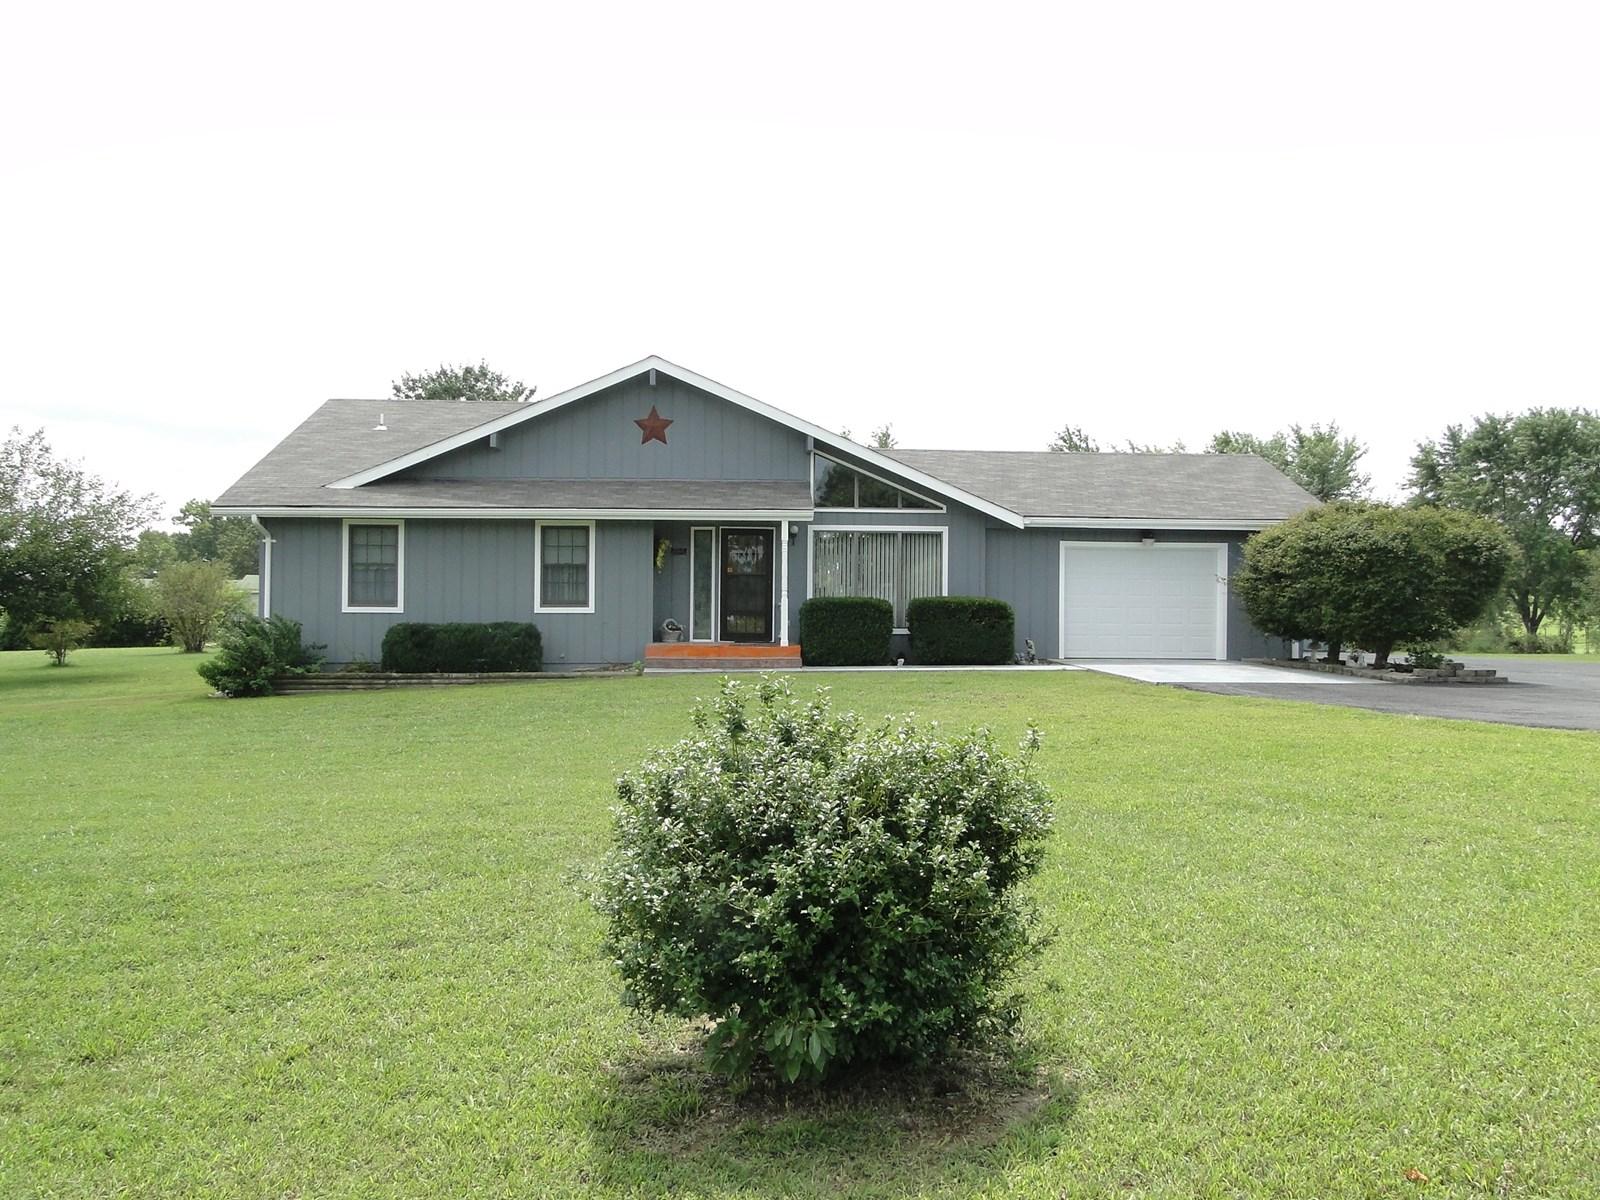 Ava Mo, House for sale near Golf course.